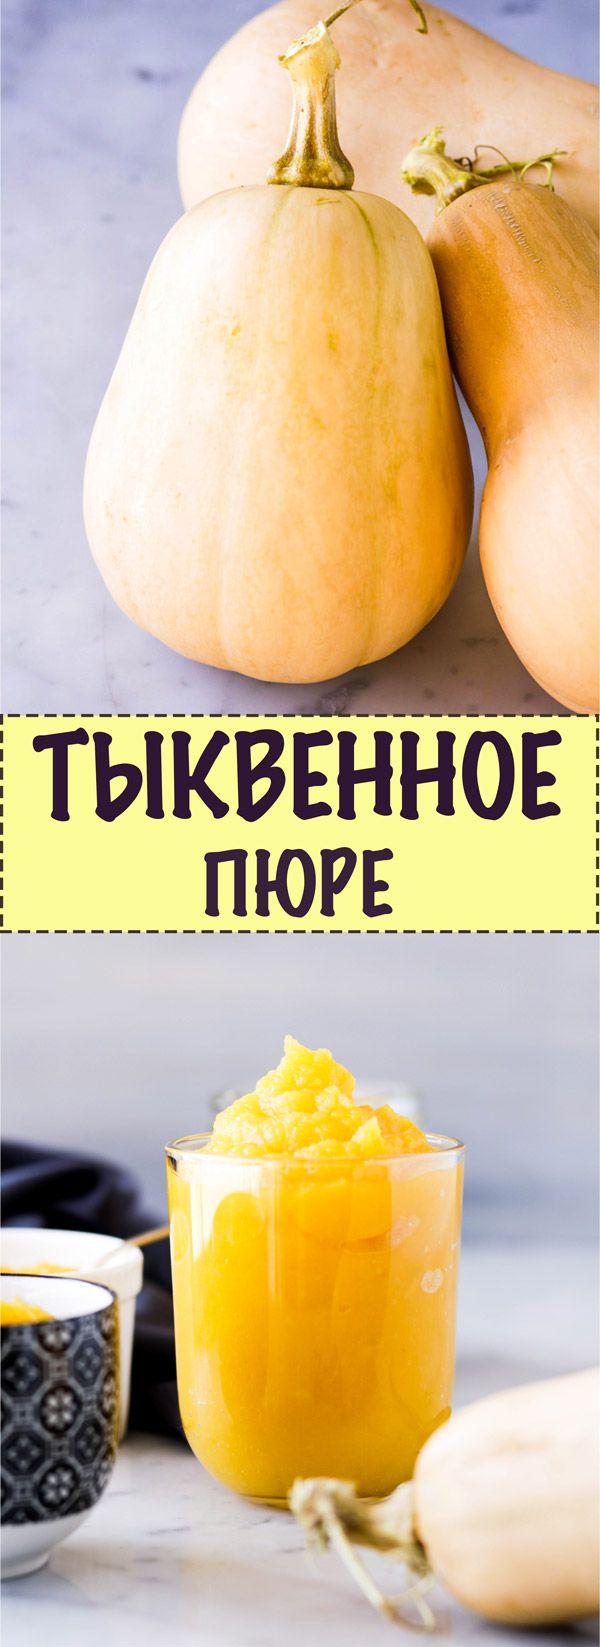 Как приготовить тыквенное пюре?  Чем полезна тыква? Рецепты из тыквы!!🎃🎃🎃 http://fullspoon.ru/tykvennoe-pyure/